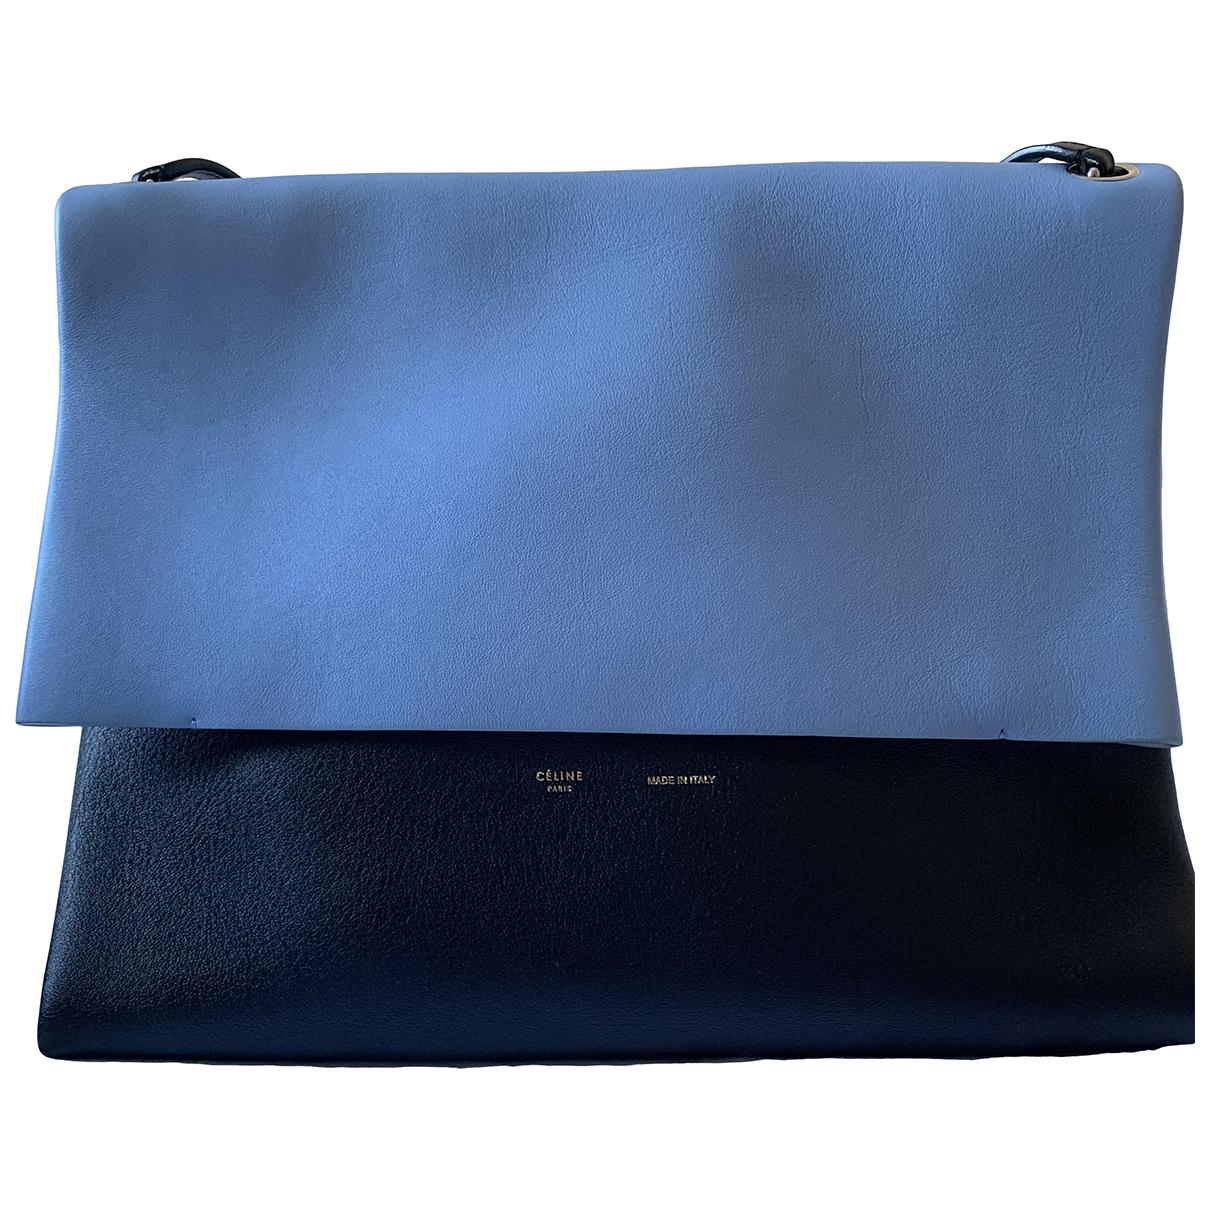 Celine All Soft Handtasche in  Blau Leder